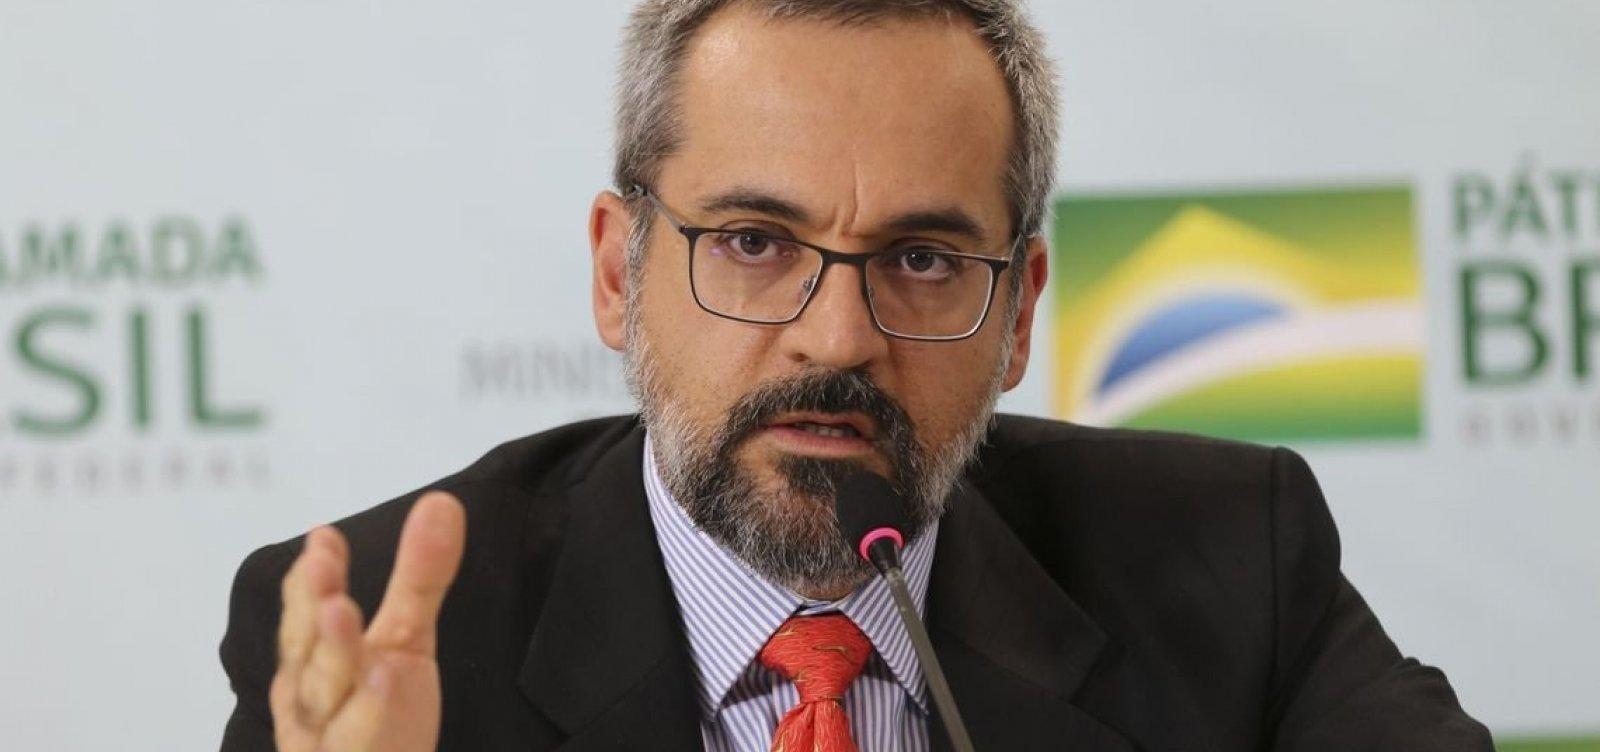 ['Evidentemente que foi um erro', diz Weintraub após mensagem sobre traição de Bolsonaro]